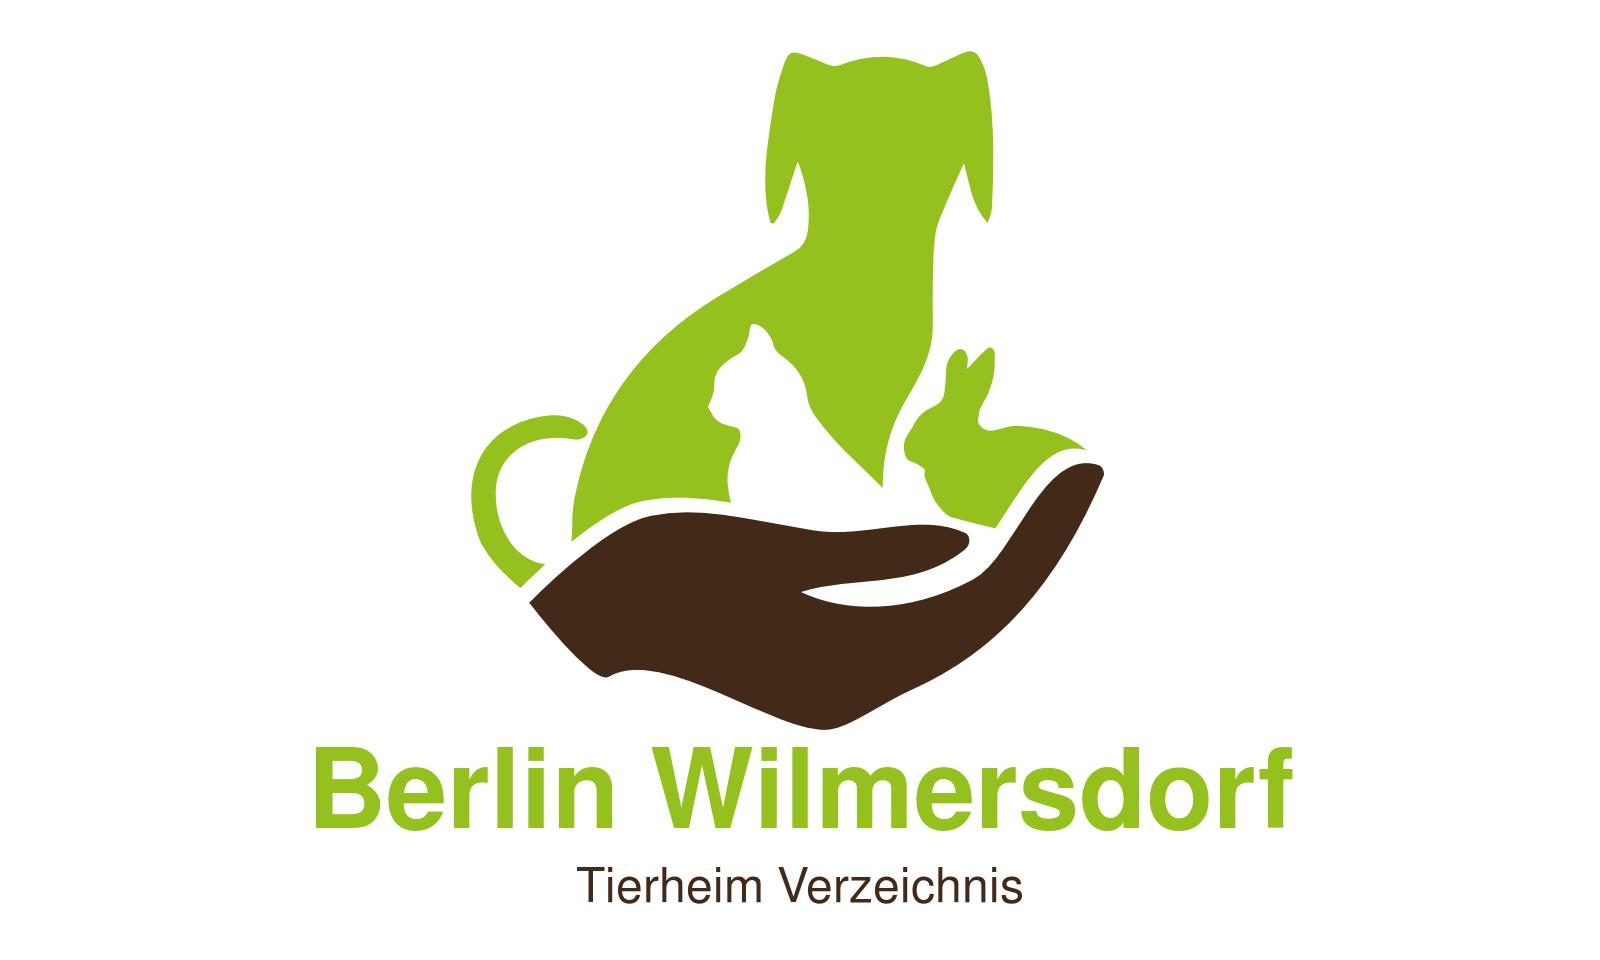 Tierheim Berlin Wilmersdorf